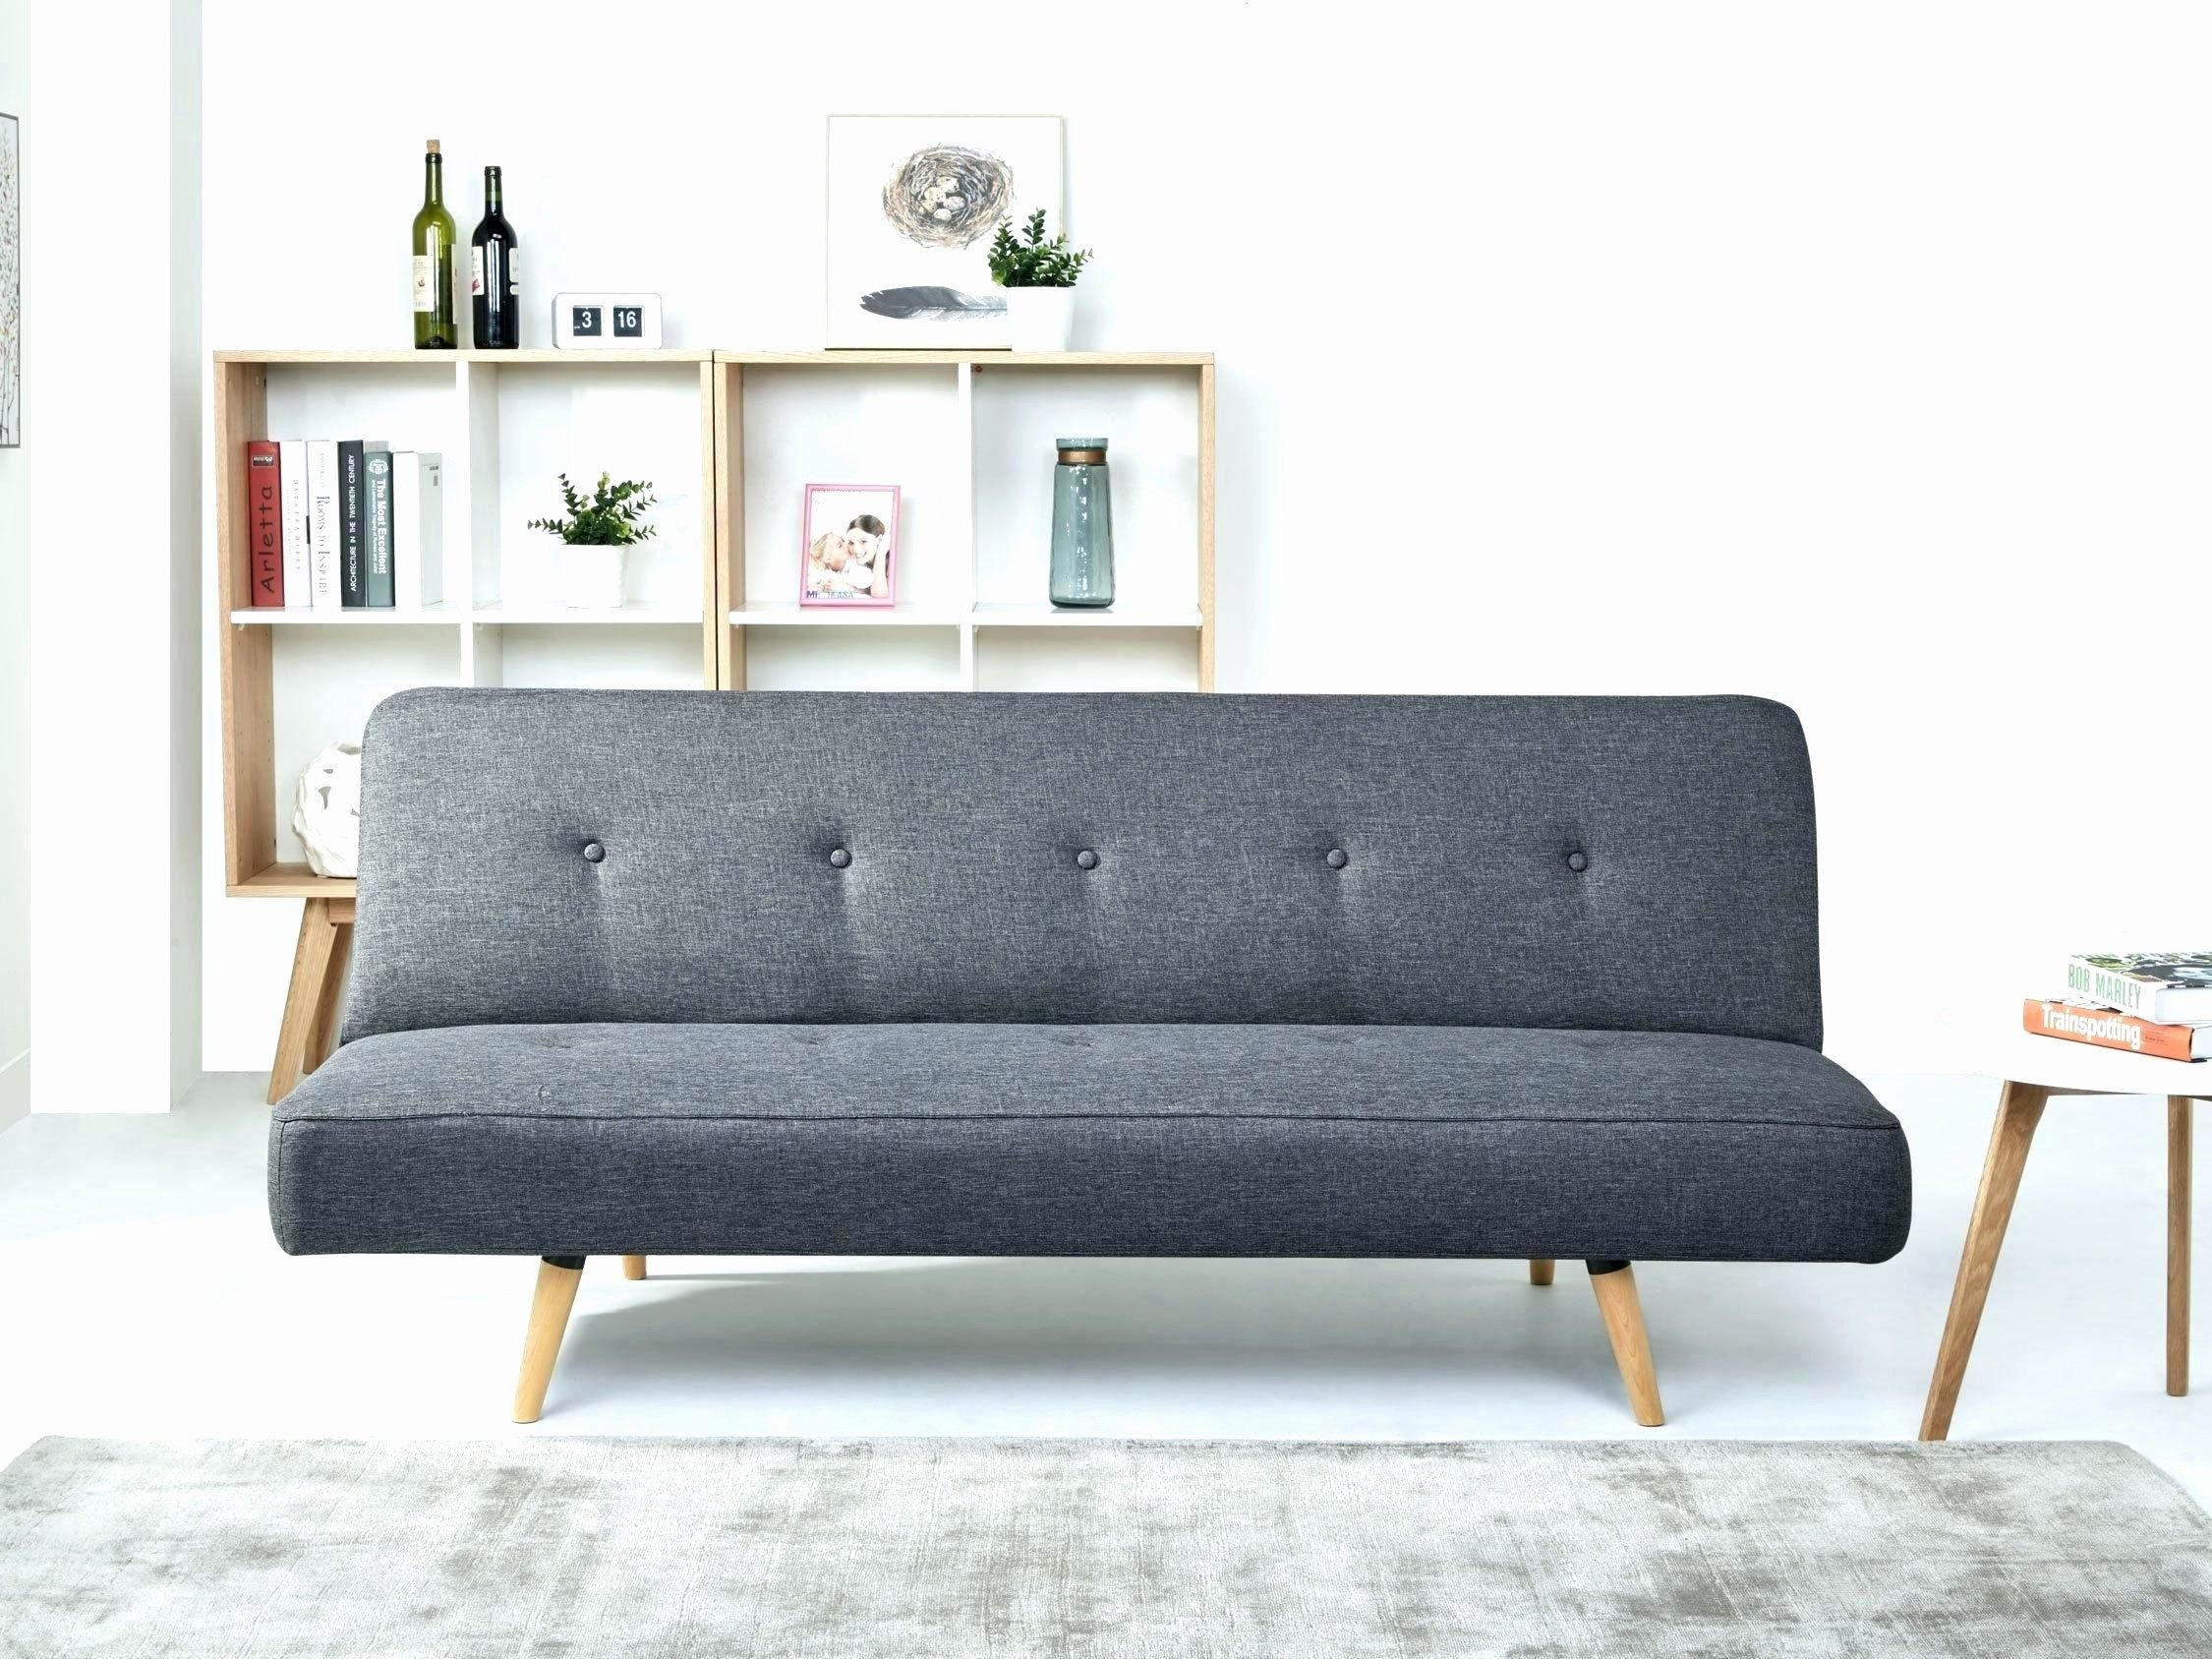 Lit Escamotable Avec Canapé Luxe Terrifiant Canapé Lit Gonflable Electrique Et 100 Elegant Lit